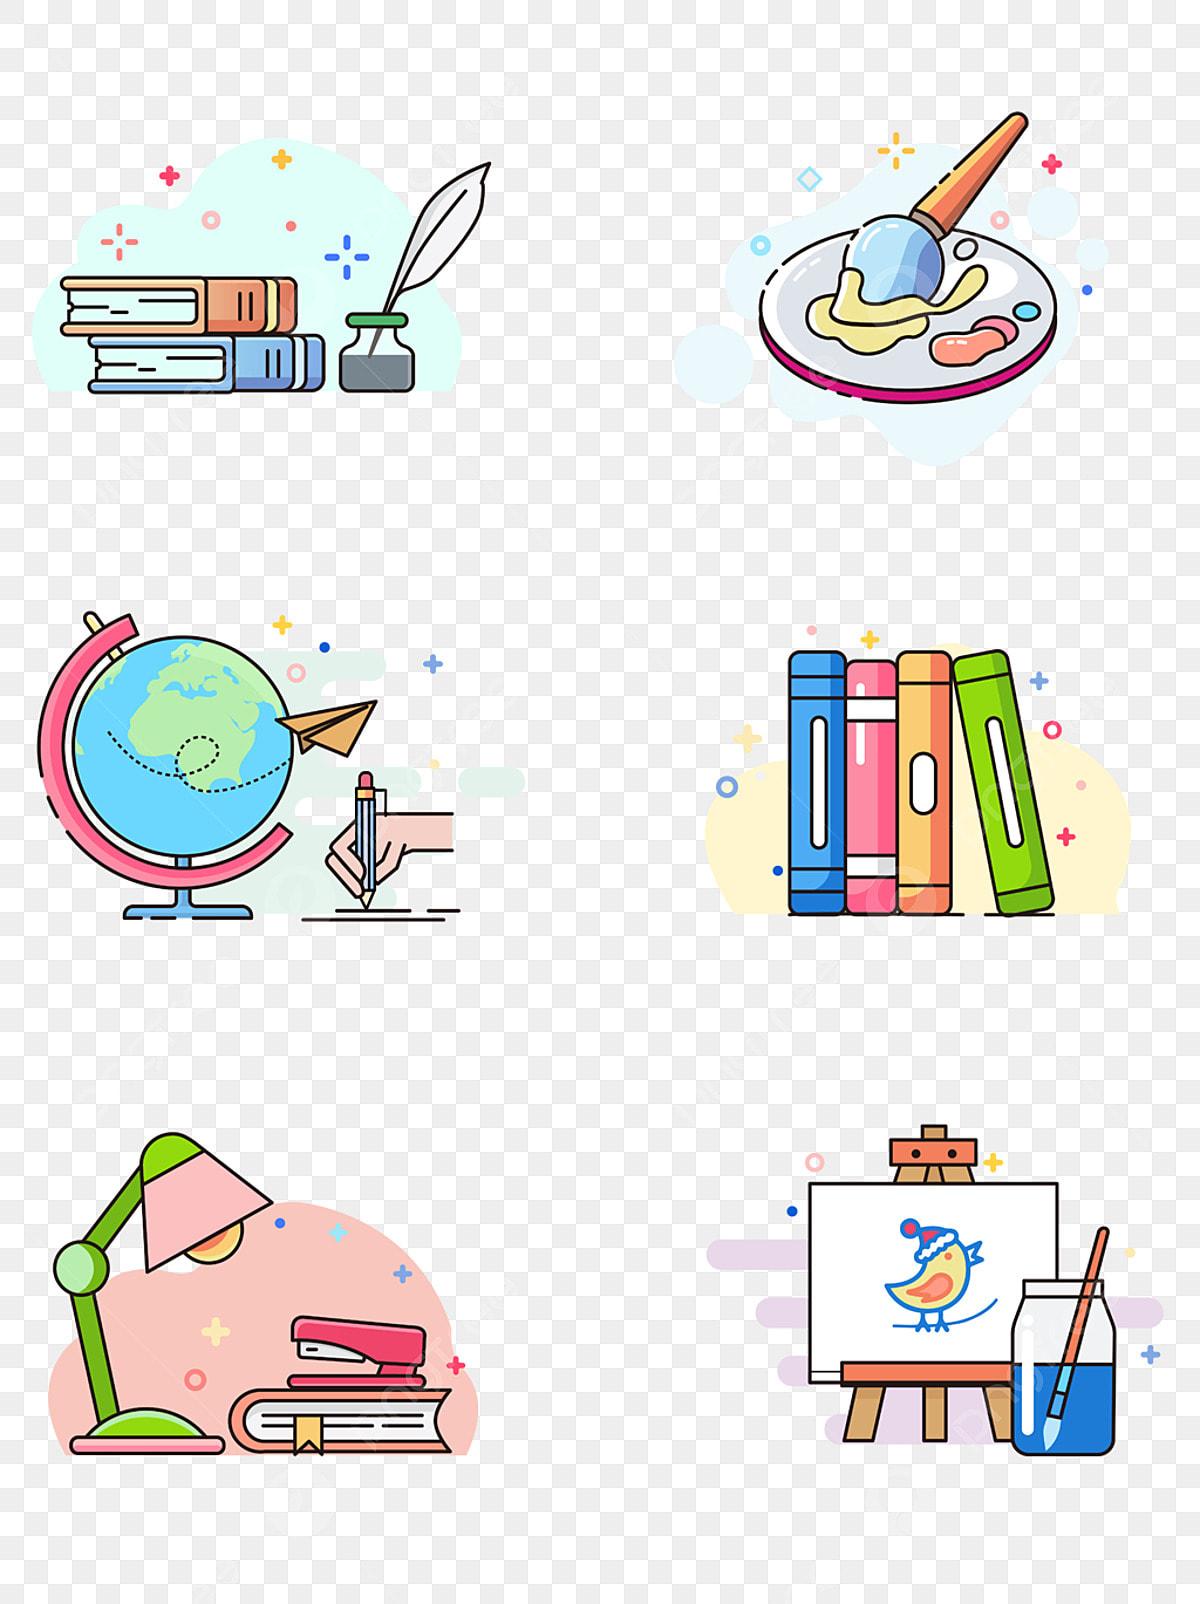 u00datiles escolares mbe pluma l u00e1piz dibujo material de dibujos animados  u00datiles escolares dibujos